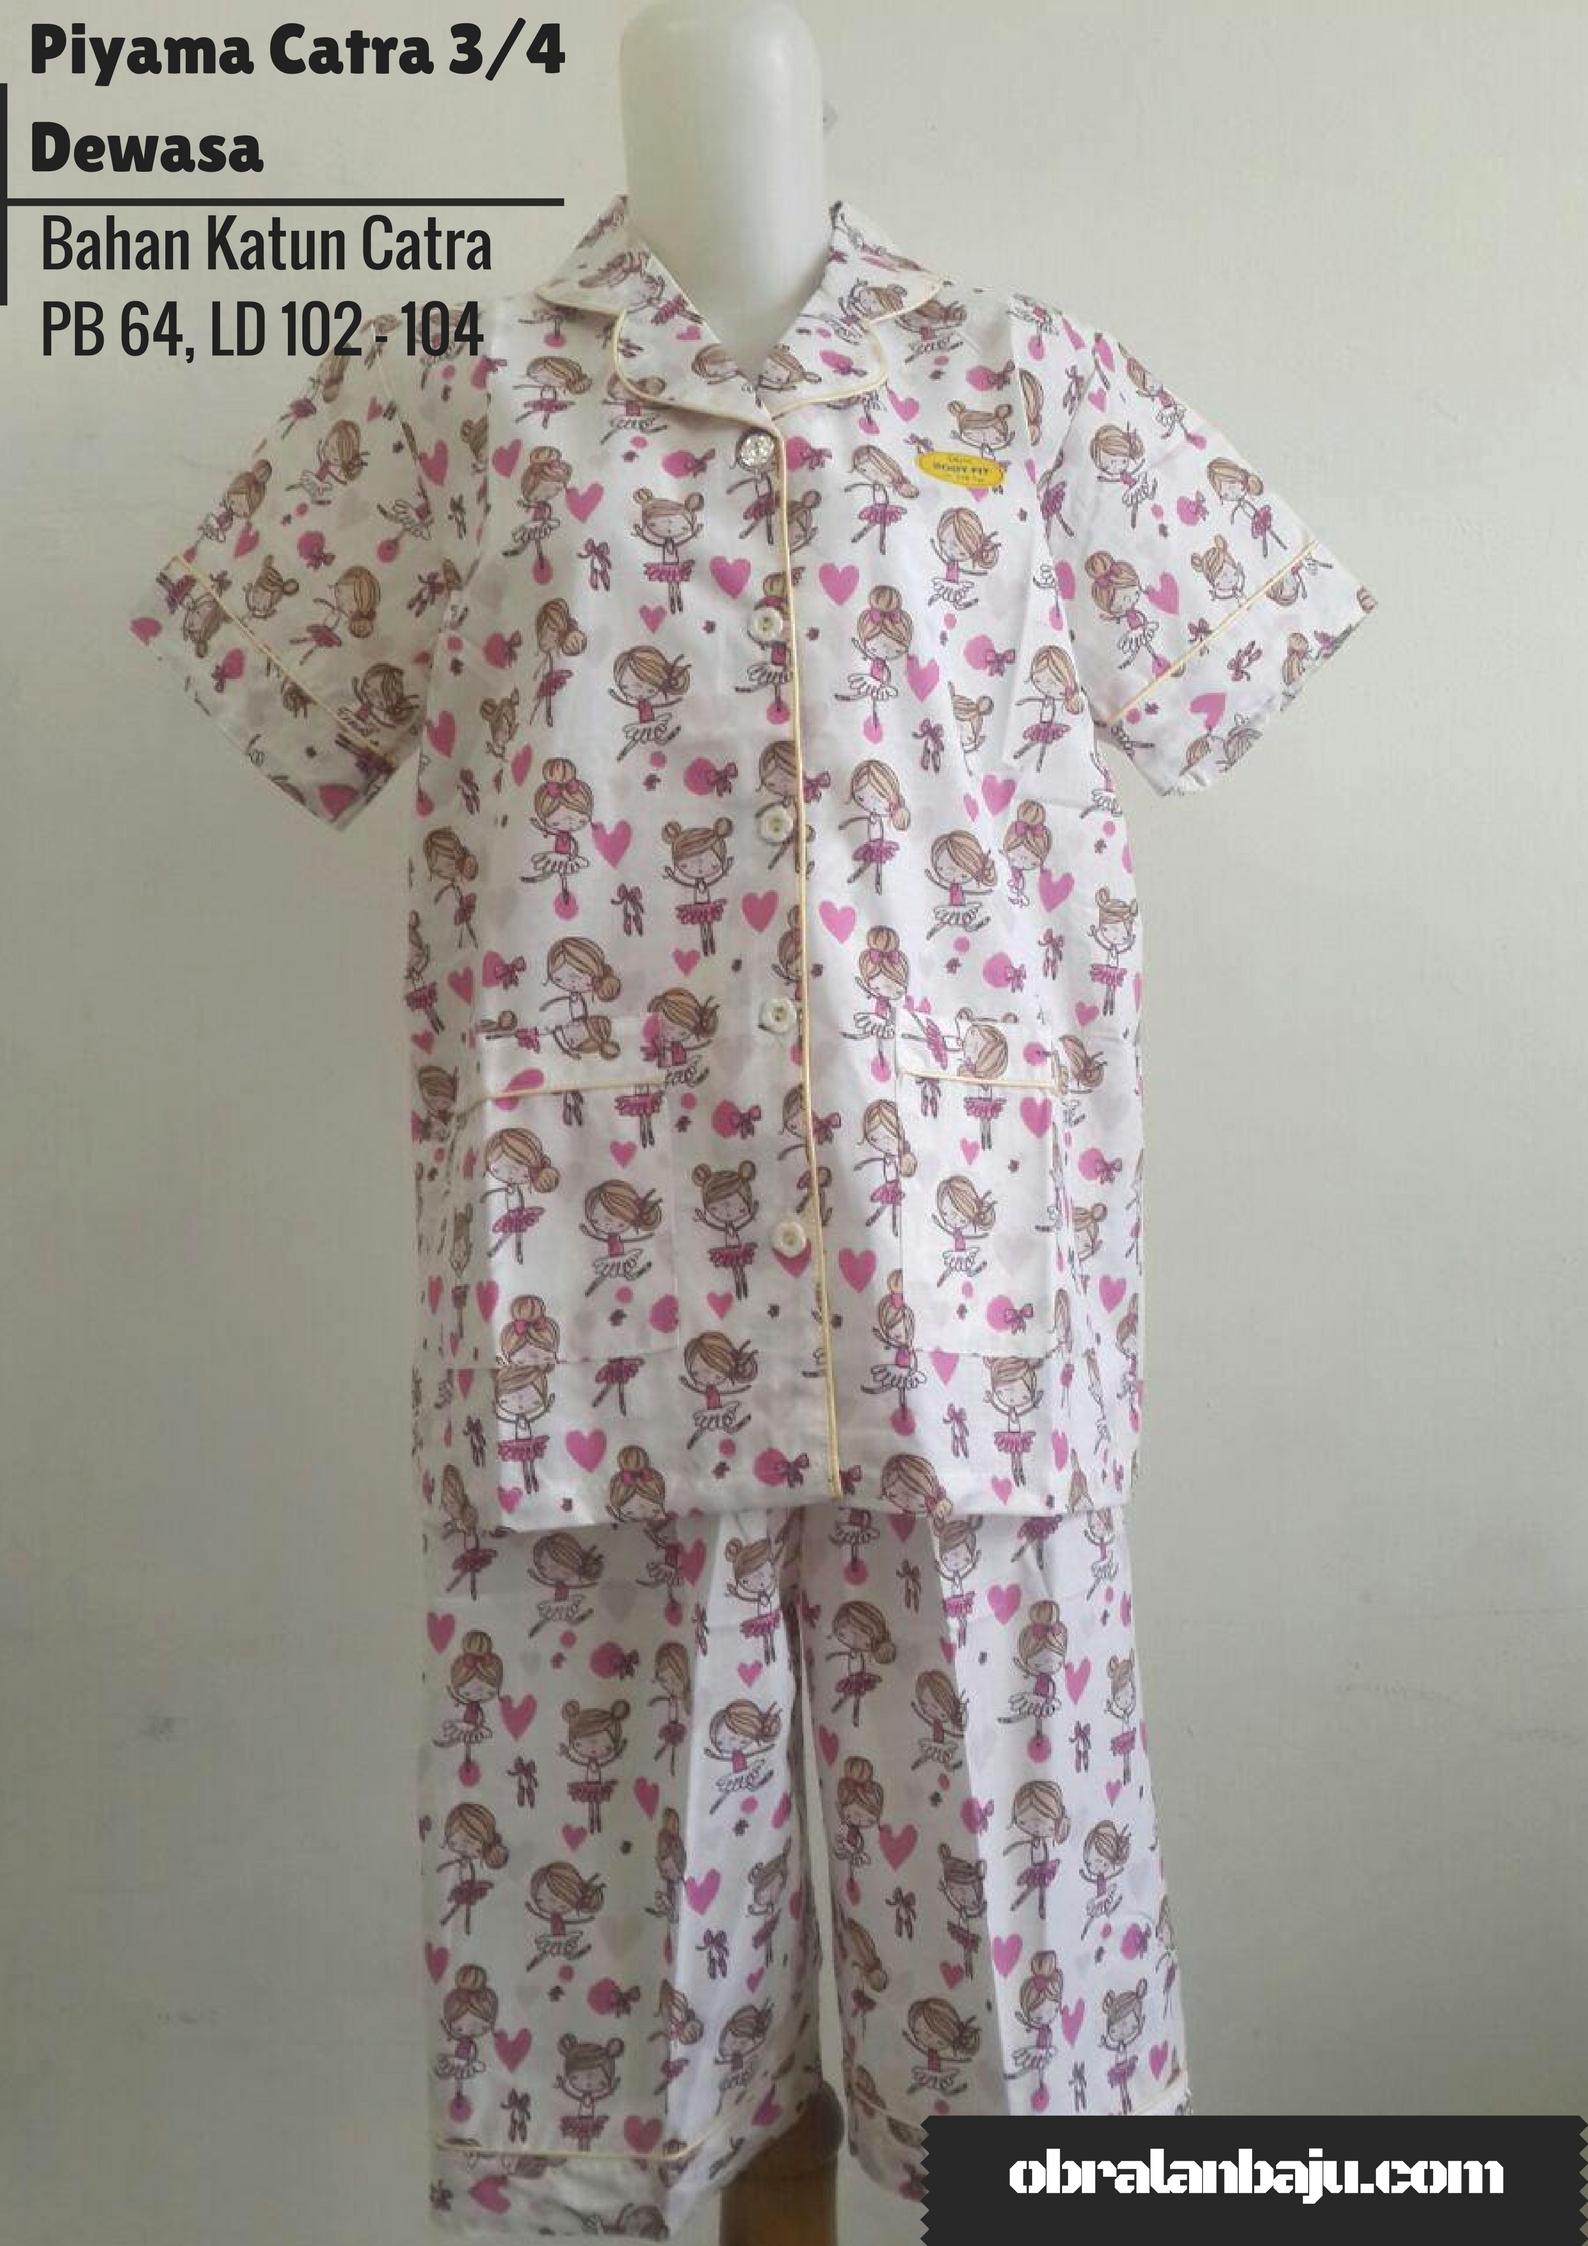 ObralanBaju.com Obral Baju Pakaian Murah Meriah 5000 Piyama Catra 3/4 Dewasa